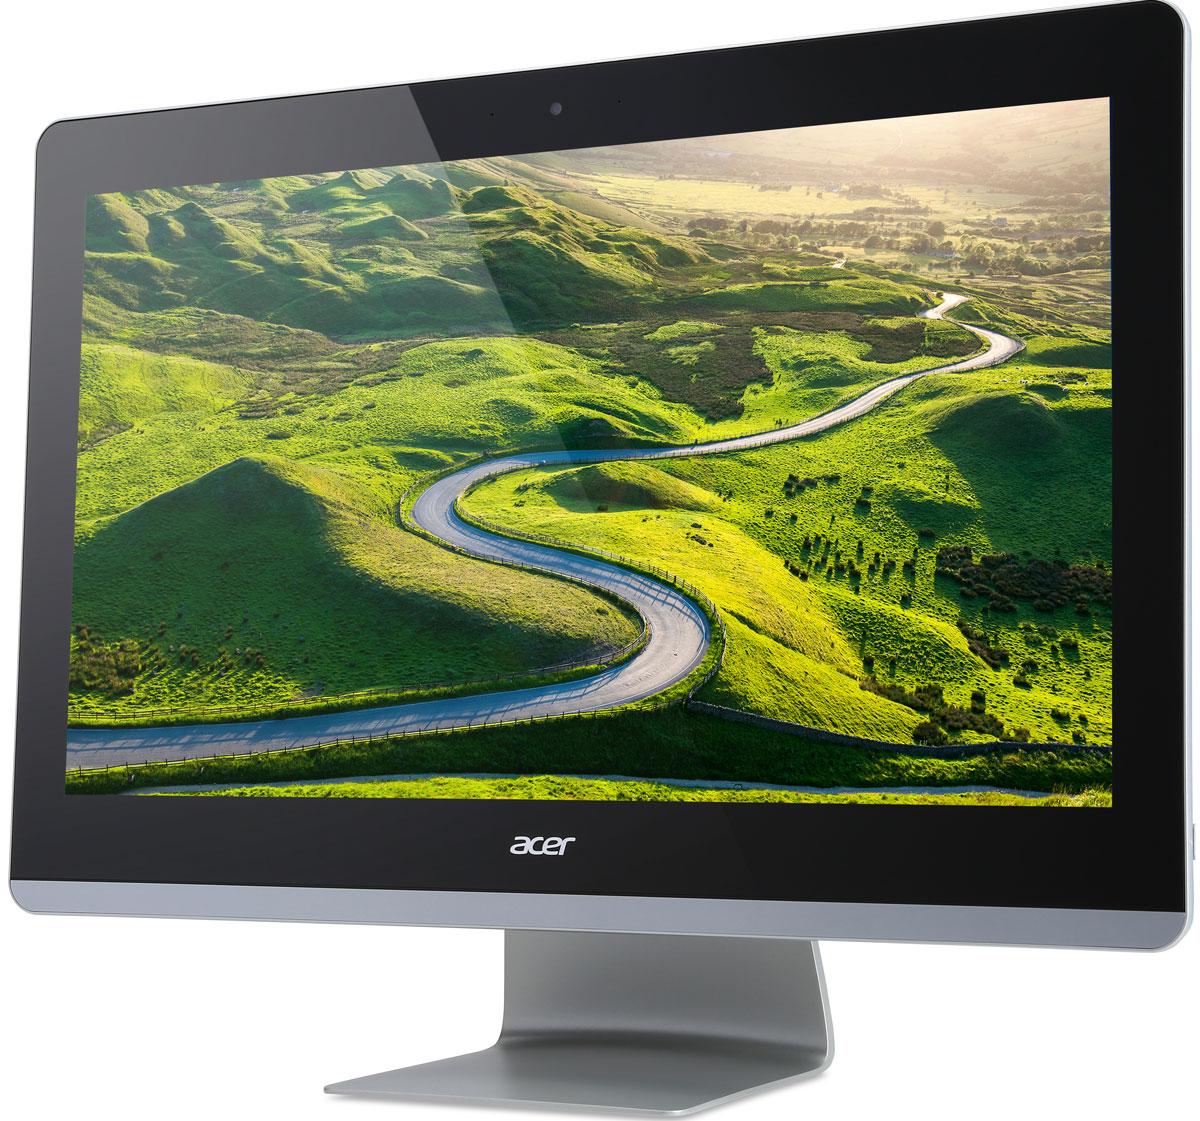 Acer Aspire Z3-715, Black моноблок (DQ.B2XER.006)DQ.B2XER.006Acer Aspire Z3-715 - универсальный компьютер, который позволяет наслаждаться играми и фильмами в кинематографическом качестве, не выходя из дома, благодаря 23,8-дюймовому экрану Full HD и фронтальным Hi-Fi динамикам Dolby Digital Plus.Стереодинамики с технологией Acer TrueHarmony и Dolby Digital Plus Home Theater обеспечивают превосходное качество звука. С легкостью прослушивайте песни с вашего мобильного устройства с помощью аудиосистемы премиум-класса Aspire Z3, связав два устройства через Bluetooth.23,8-дюймовый экран Full HD обеспечивает непревзойденную четкость изображения и широкий угол обзора, что делает совместный просмотр еще более приятным. Благодаря реалистичной графике системы управления цветом Acer CineBoost Color Engine вы наслаждаетесь высочайшим в своем классе качеством мультимедиа.Точные характеристики зависят от модификации.Моноблок сертифицирован EAC и имеет русифицированную клавиатуру и Руководство пользователя.